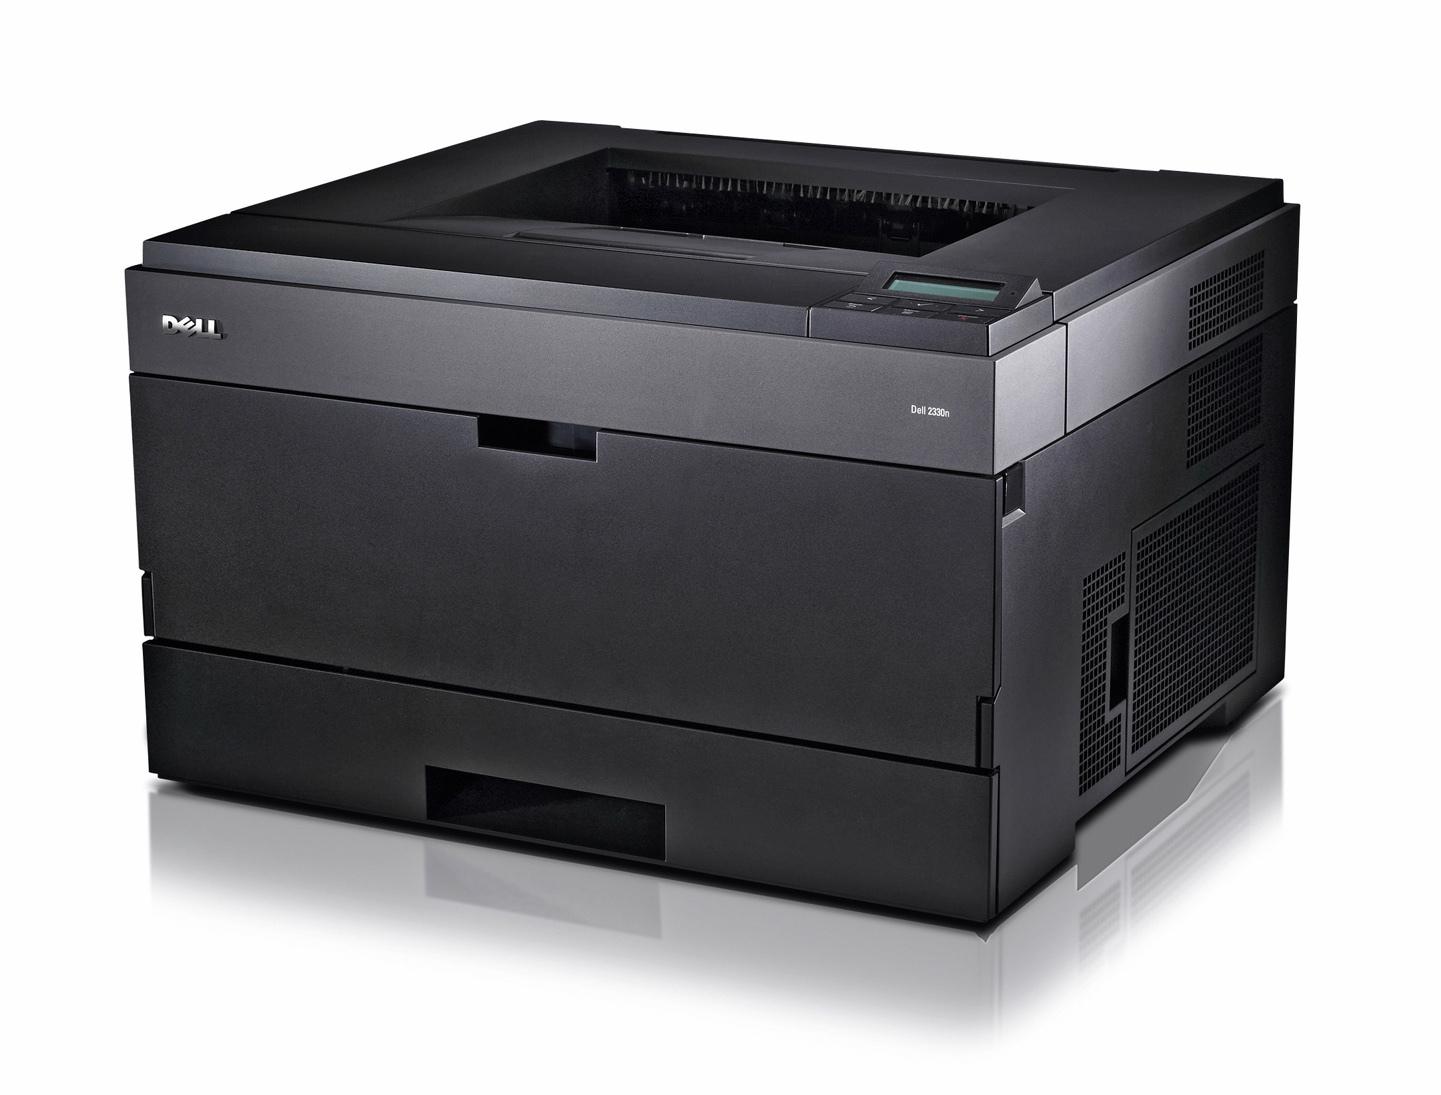 Máy in laser đen trắng Dell 2330DN - A4